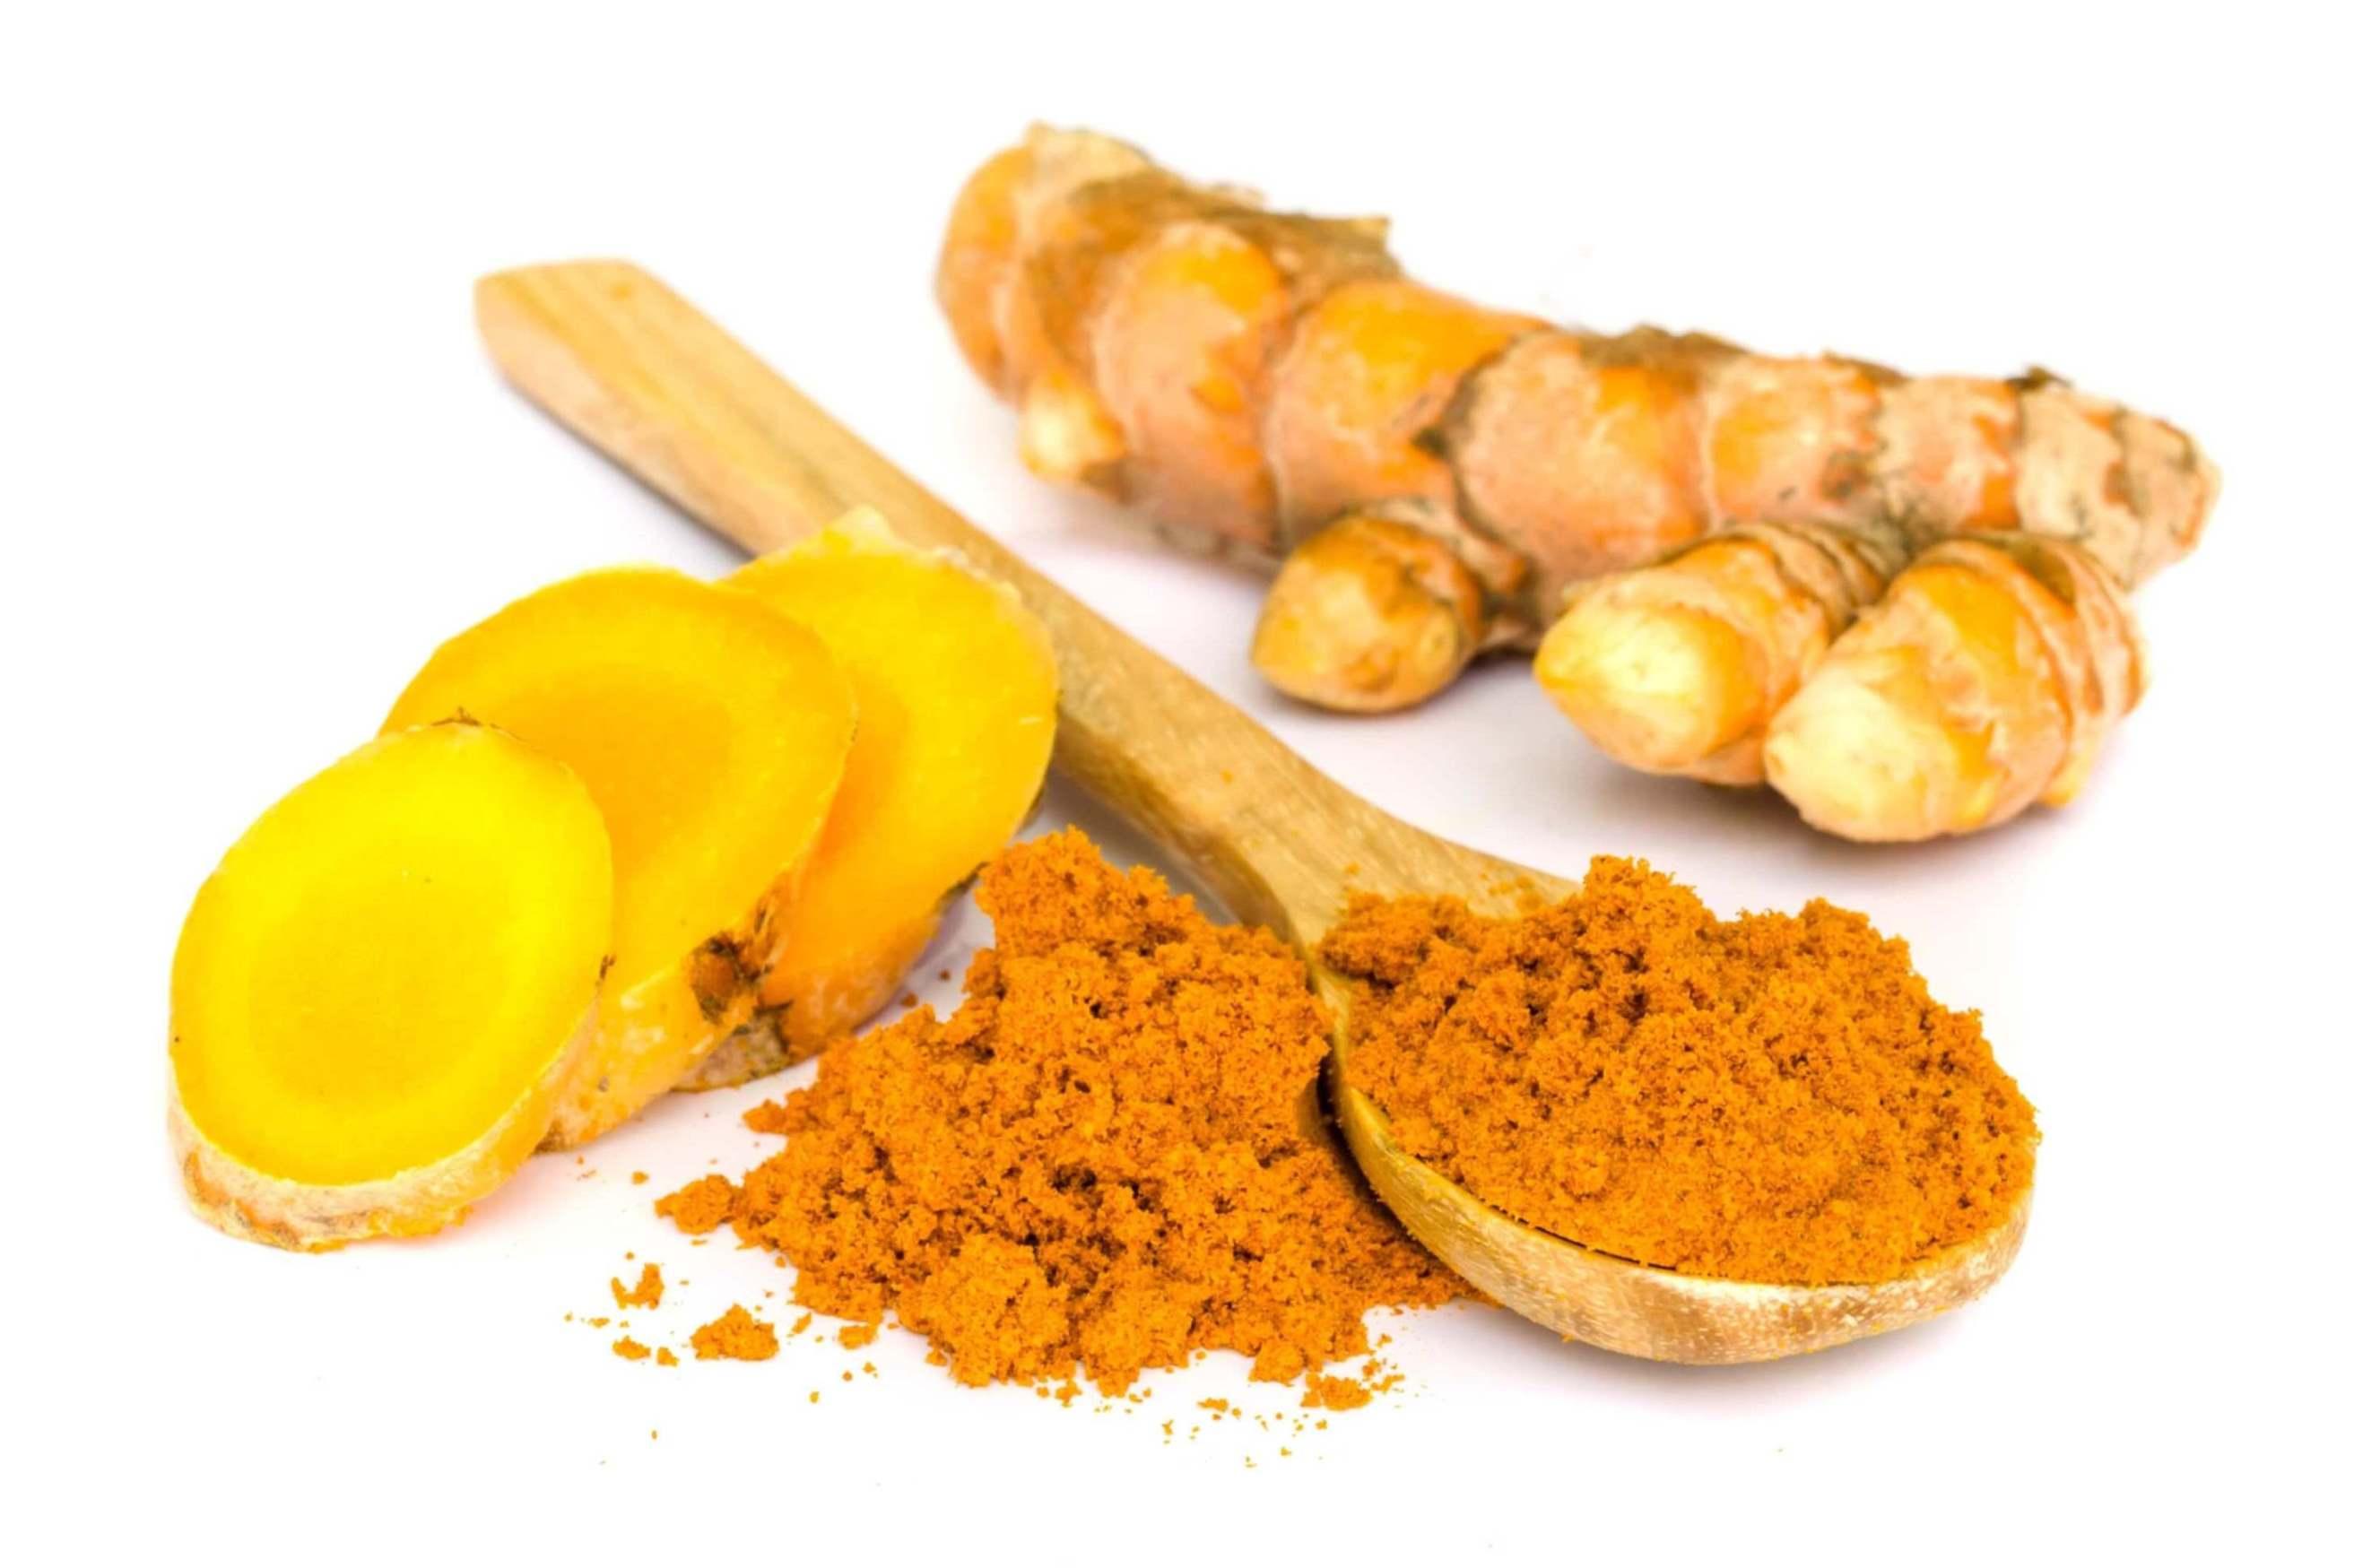 گیاه دارویی زردچوبه برای سلامت و تقویت مغز